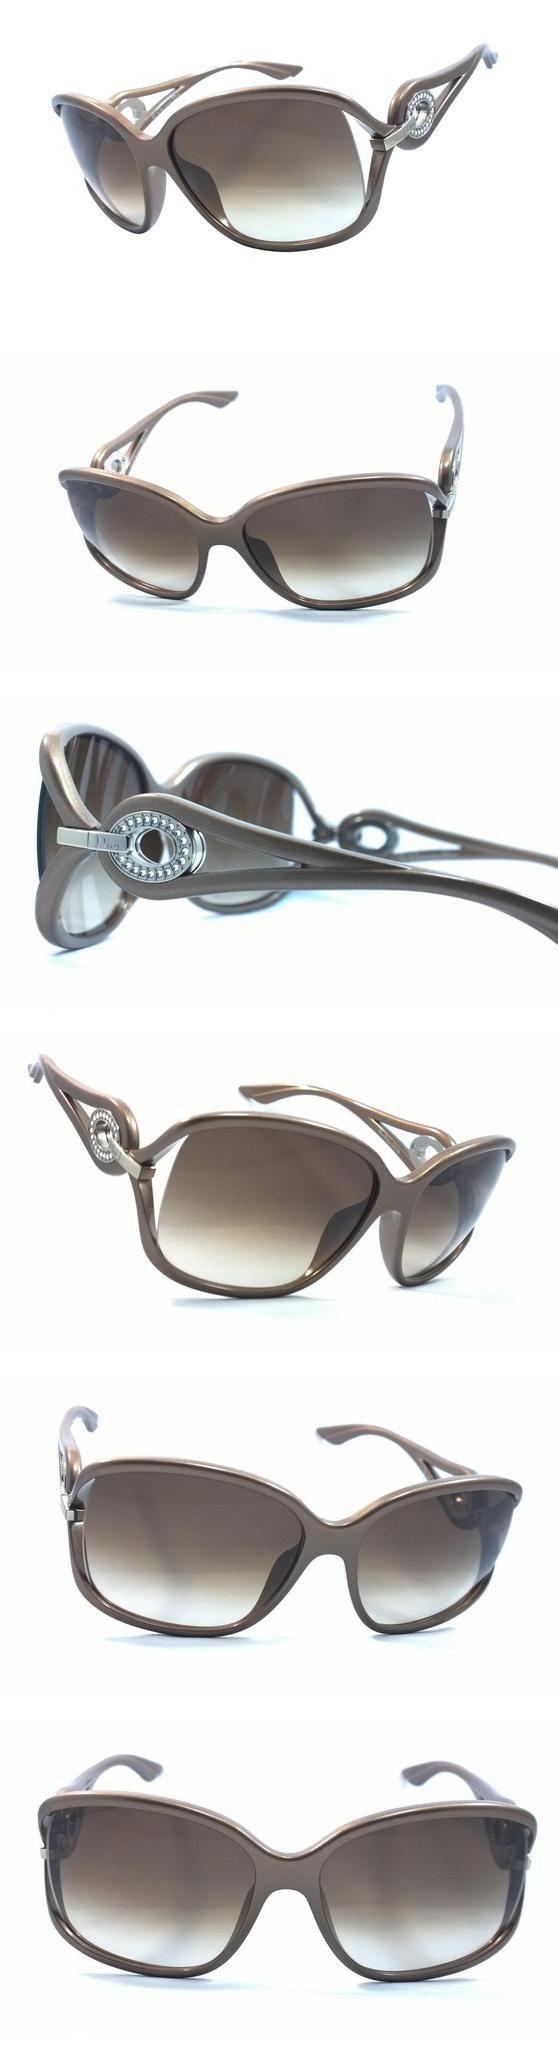 Les lunettes de soleil r¨¦sistant aux ¨¦clats Avengers Shatter 100% UV Protection xXC7449